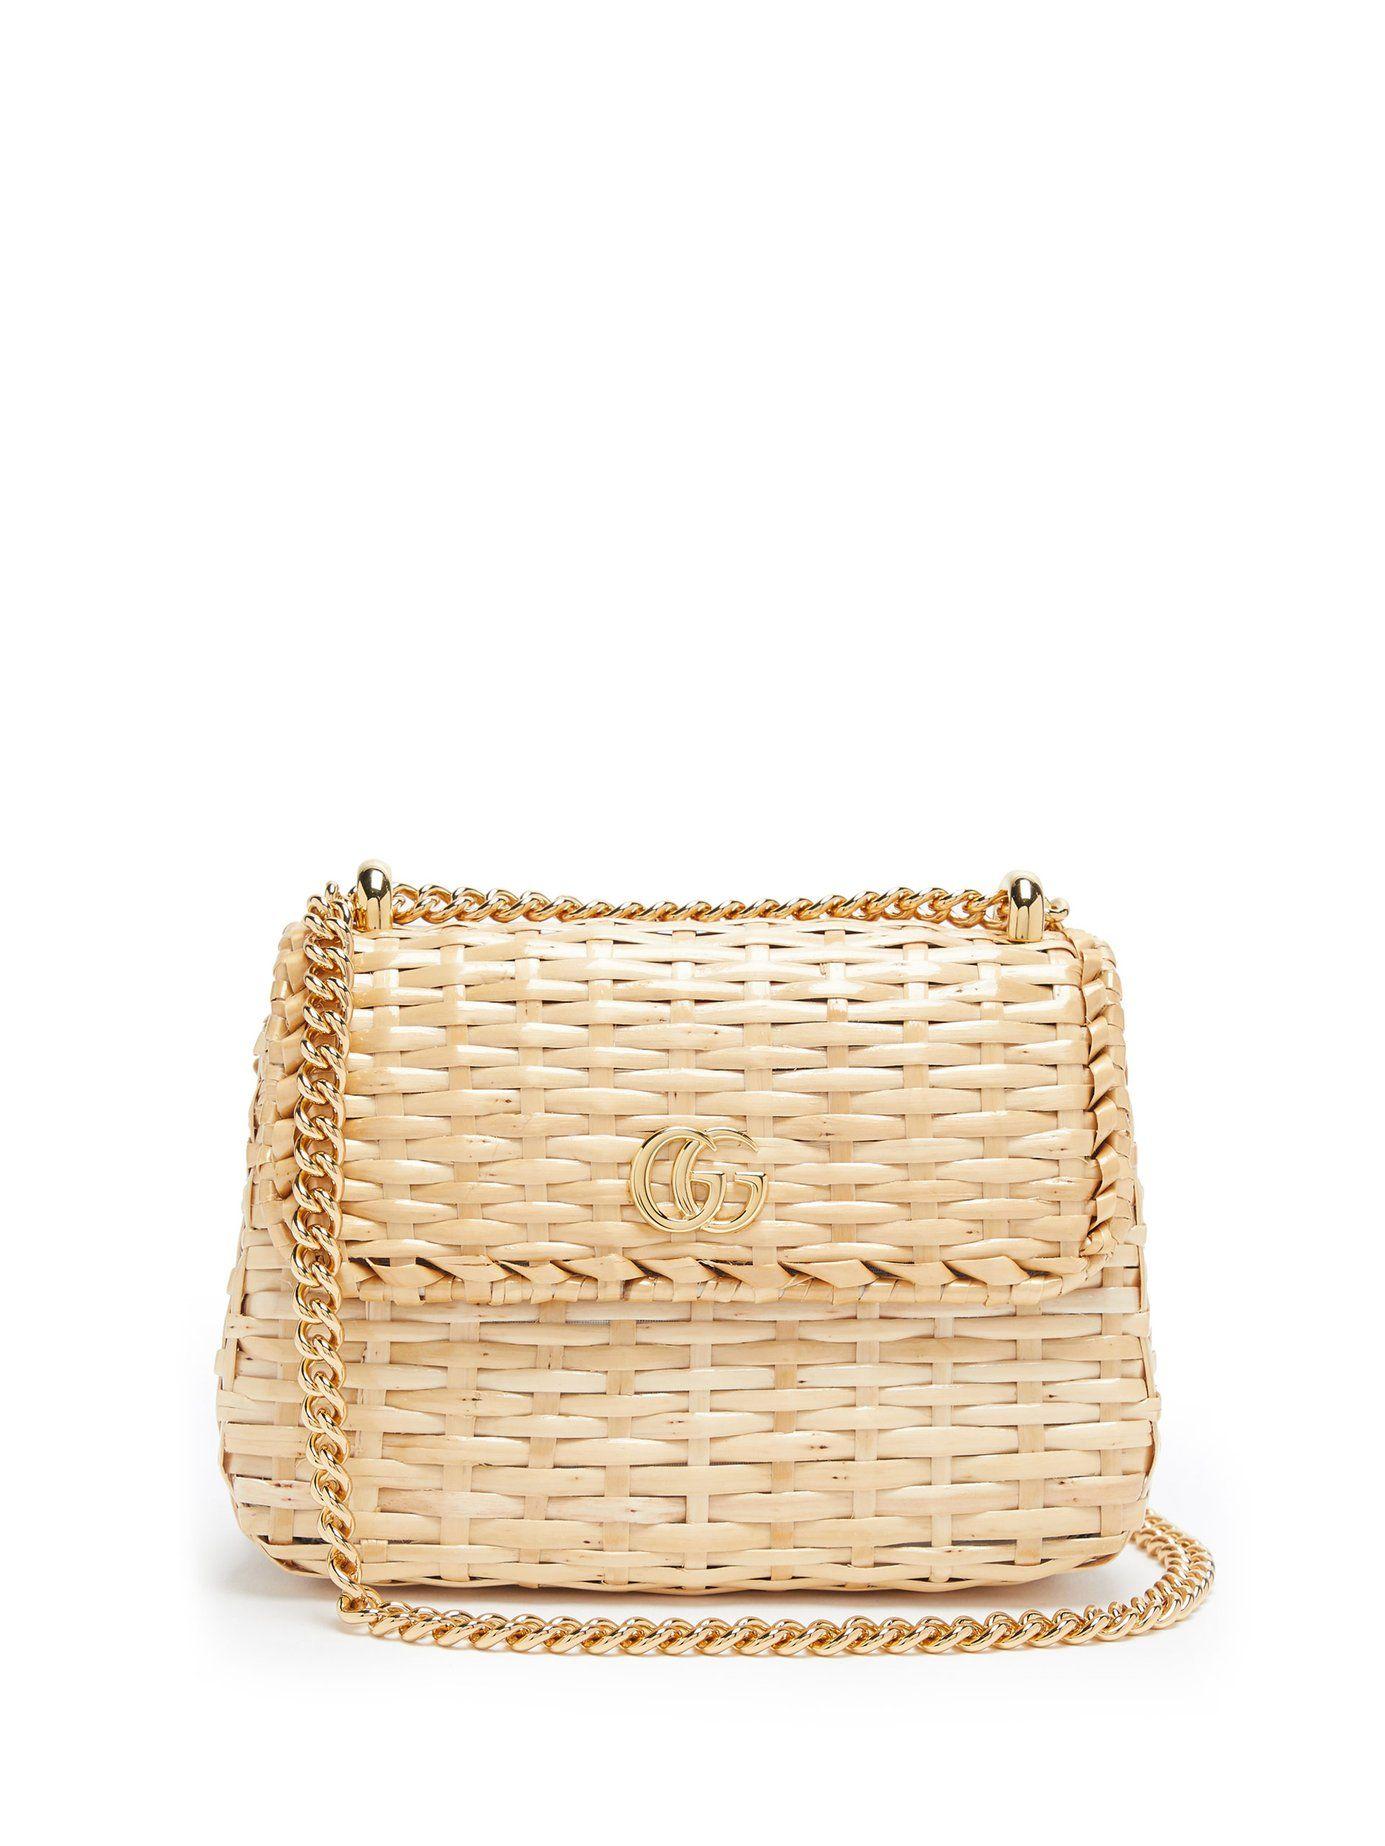 56a4df1ba8545a Cestino wicker cross-body bag | Gucci | MATCHESFASHION.COM US ...